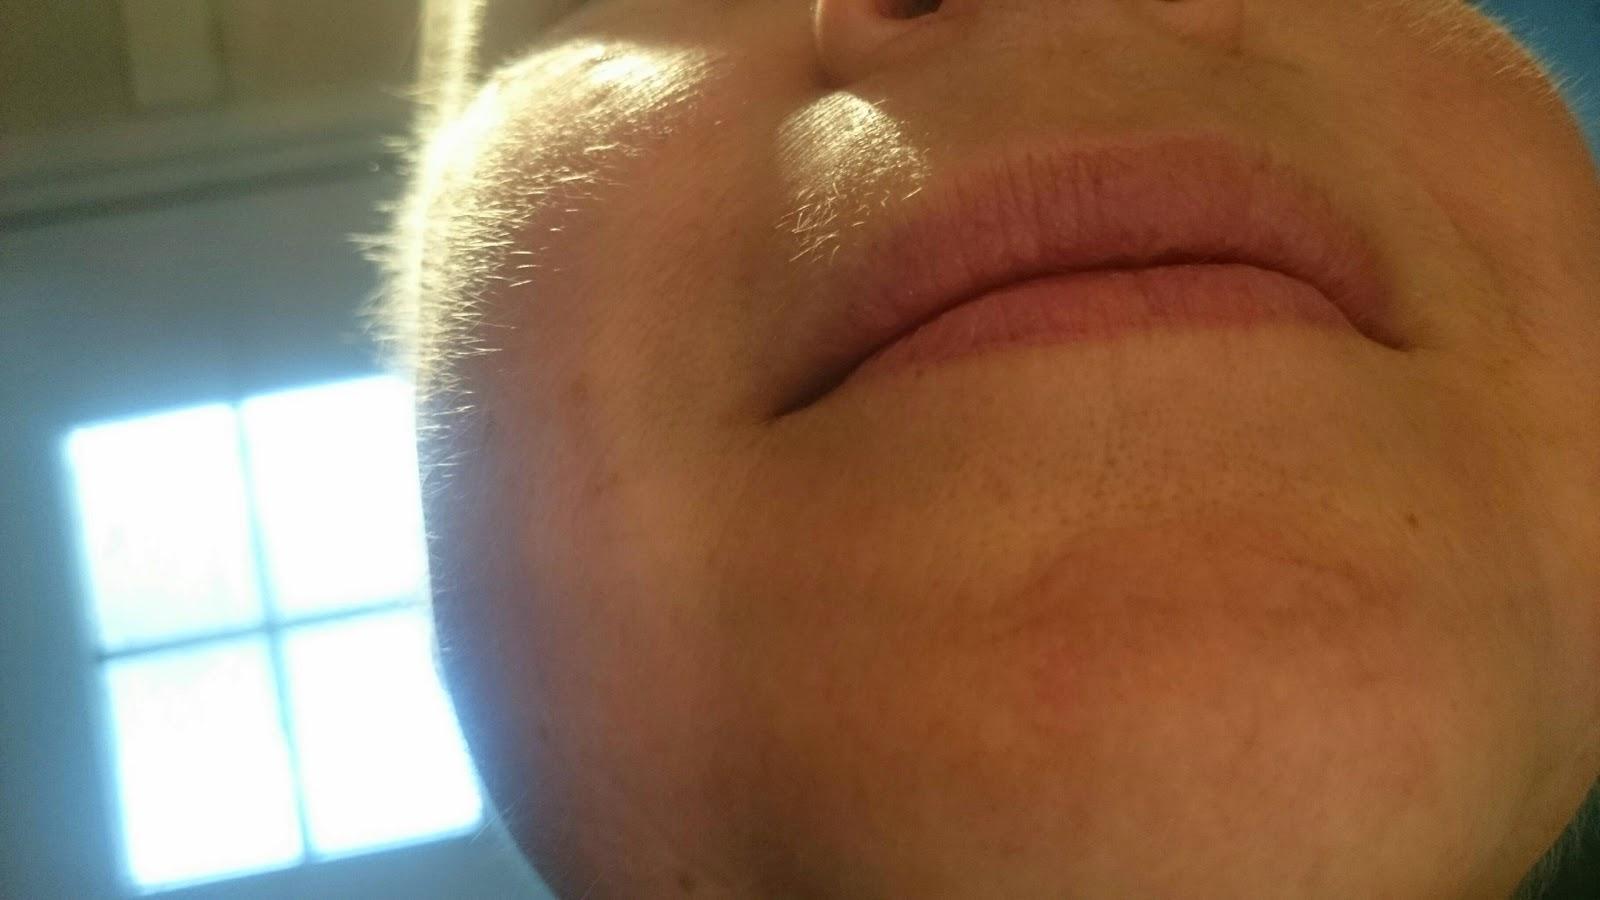 små hår i ansiktet